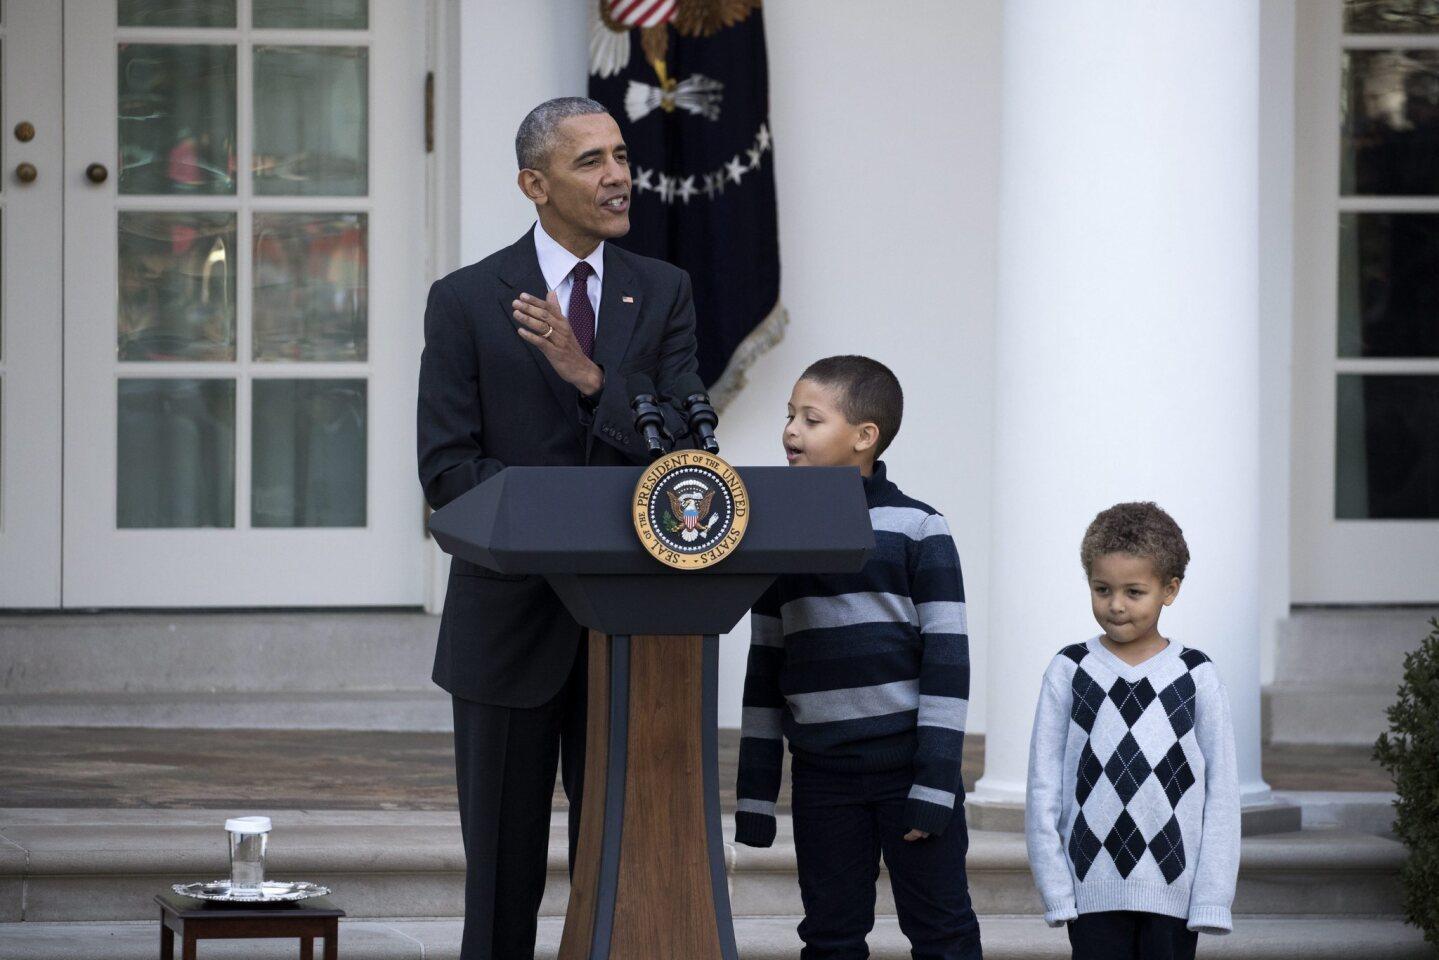 El presidente de Estados Unidos, Barack Obama (i), acompañado de sus sobrinos Austin (c) y Aaron Rbinson (d), ofrece un discurso tras perdonar a 'Tater', el pavo nacional del Día de Acción de Gracias, en el Jardín de las Rosas de la Casa Blanca en Washington.